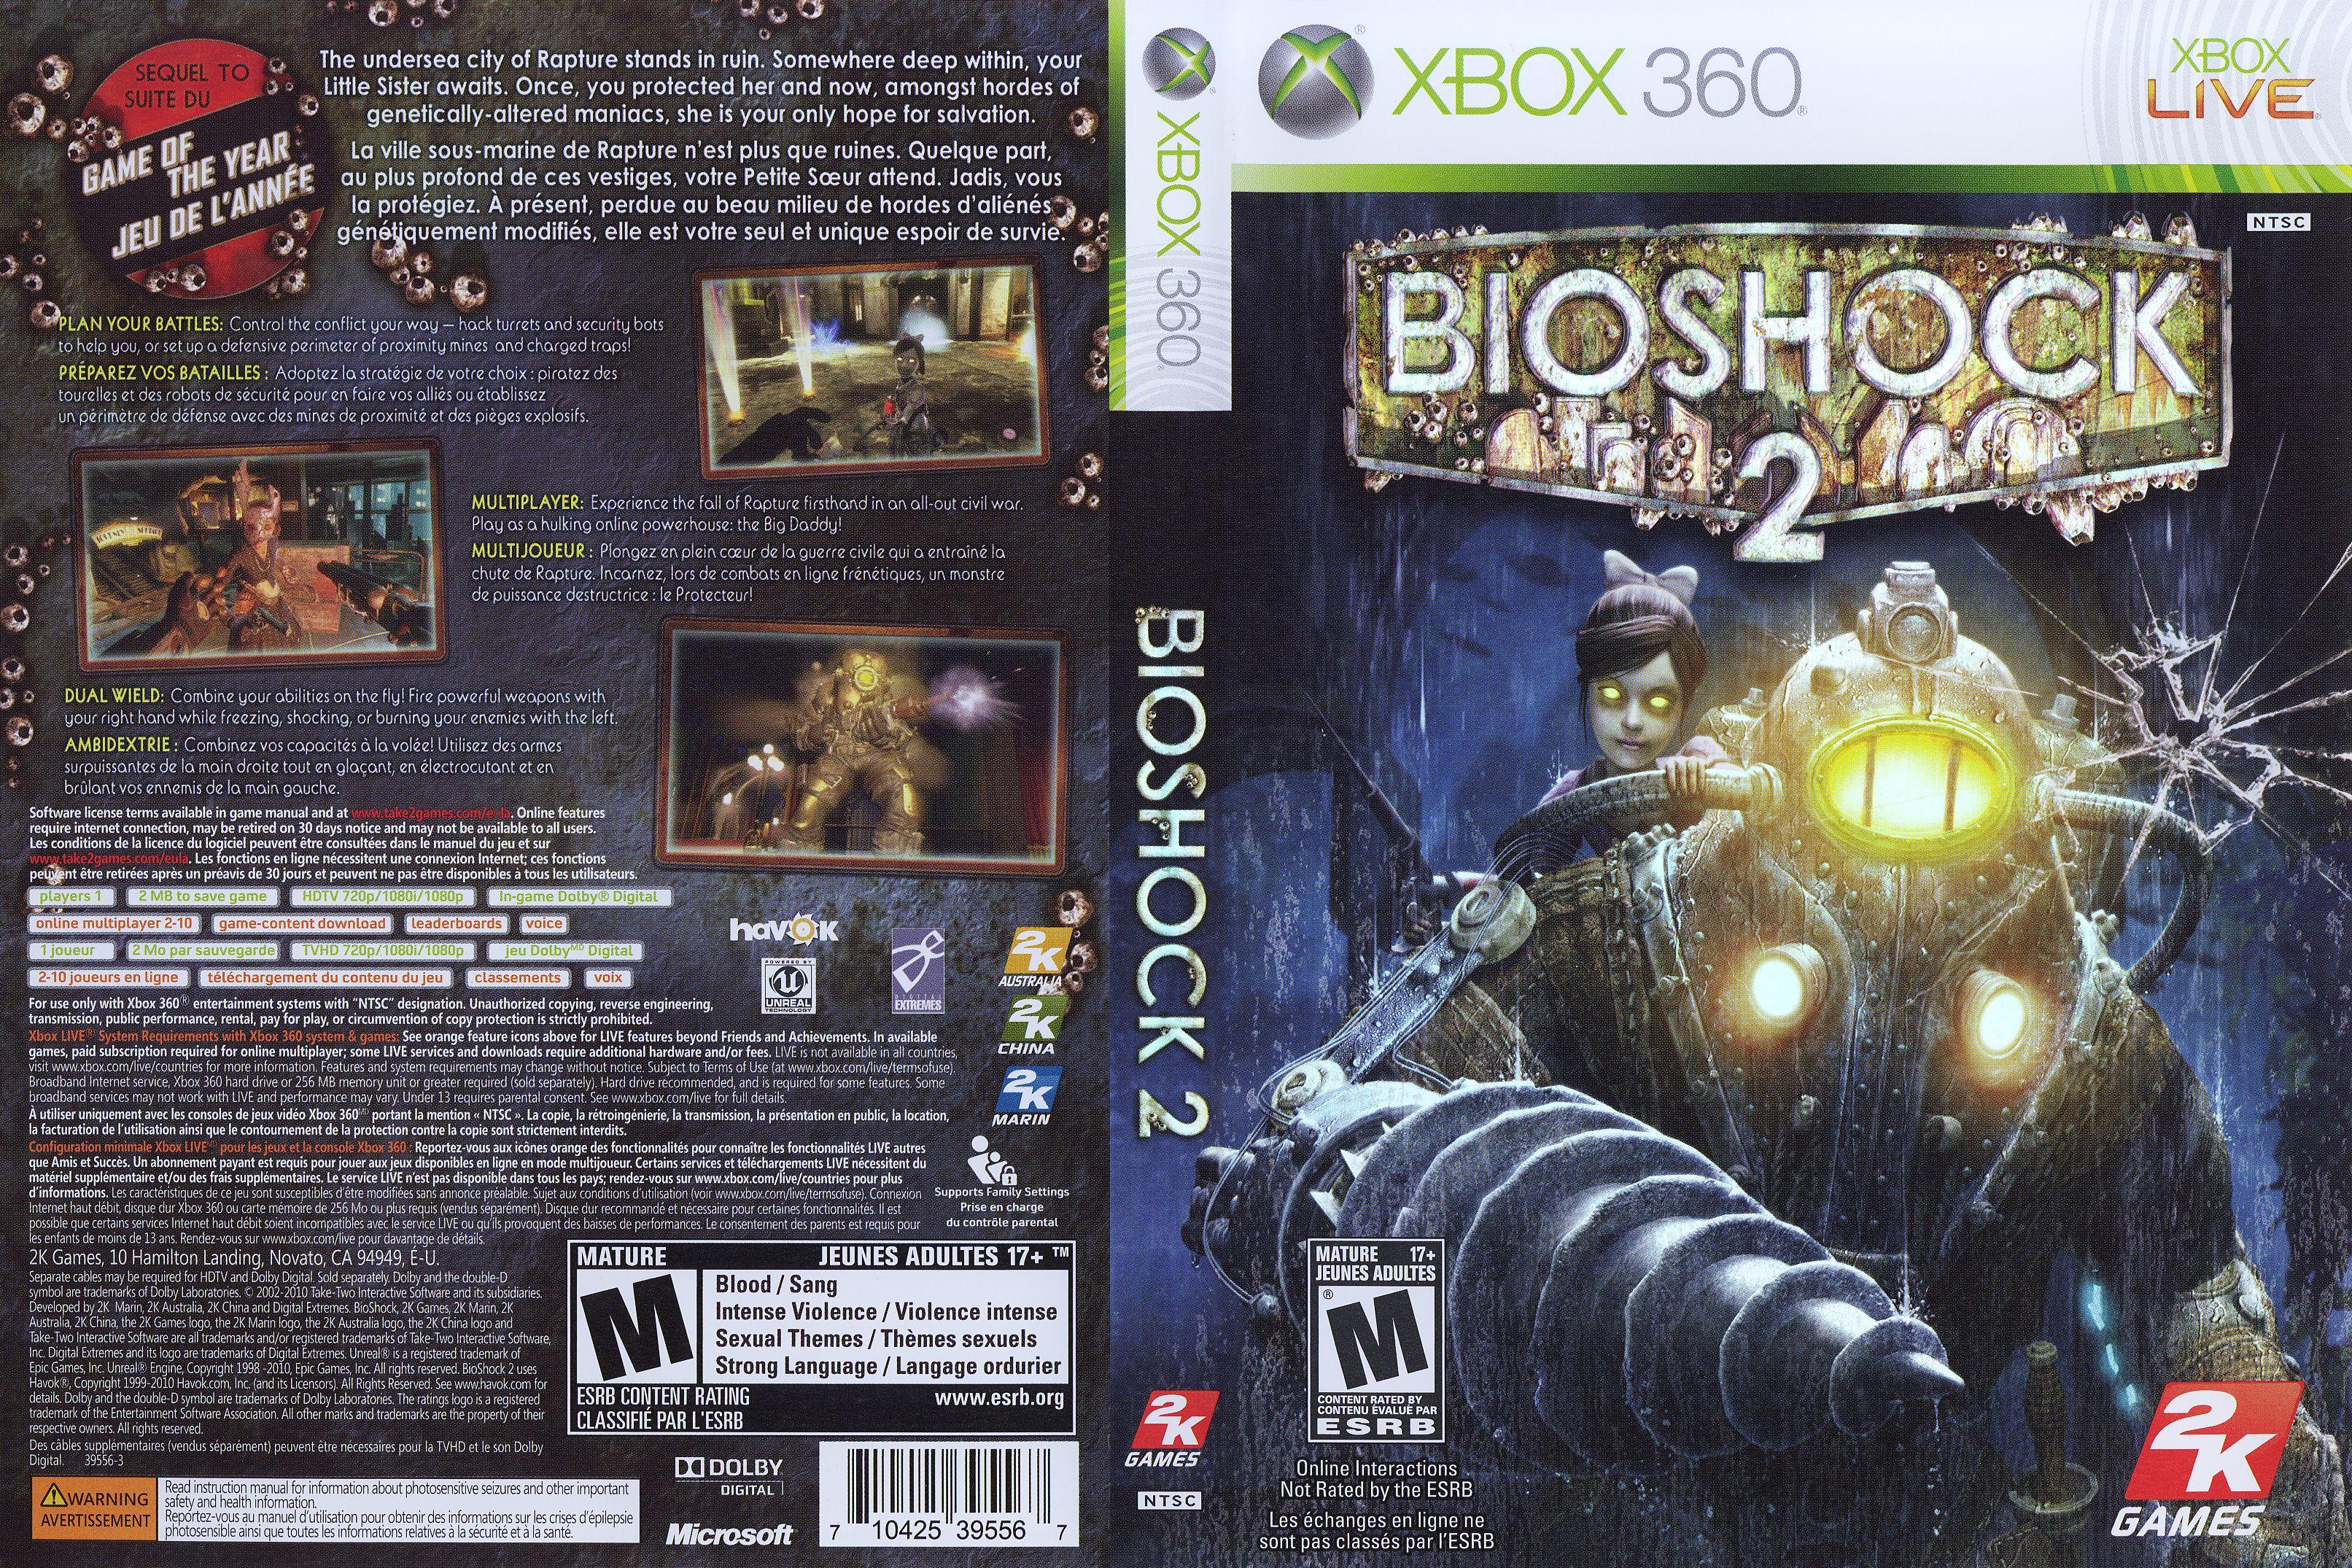 Pin By Malcolm On X Box 360 Games Bioshock Bioshock 2 Xbox